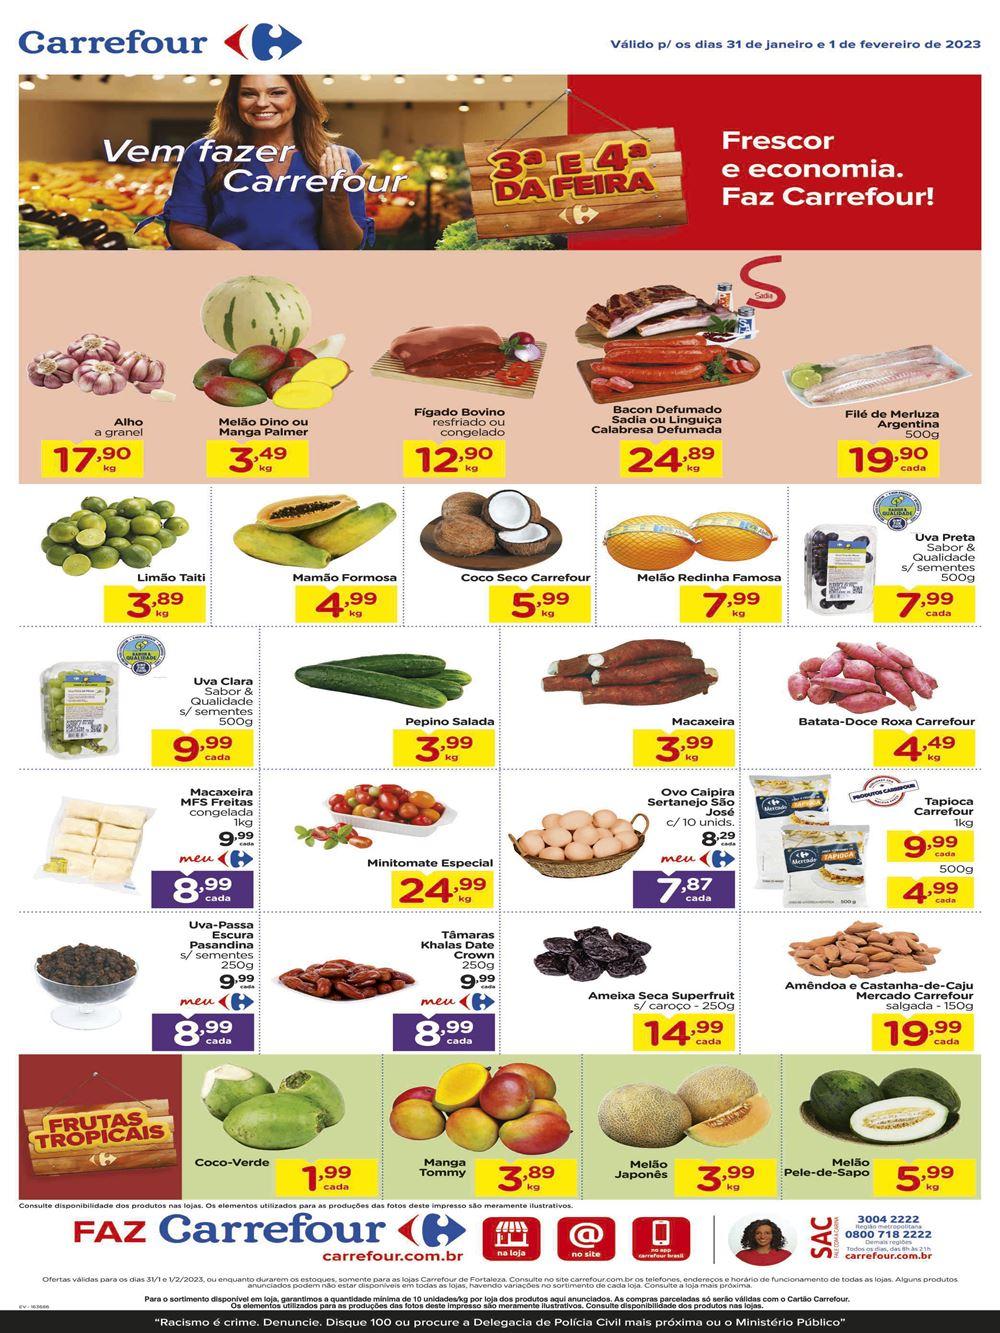 carrefour-ofertas-descontos-hoje14-1 Goiás